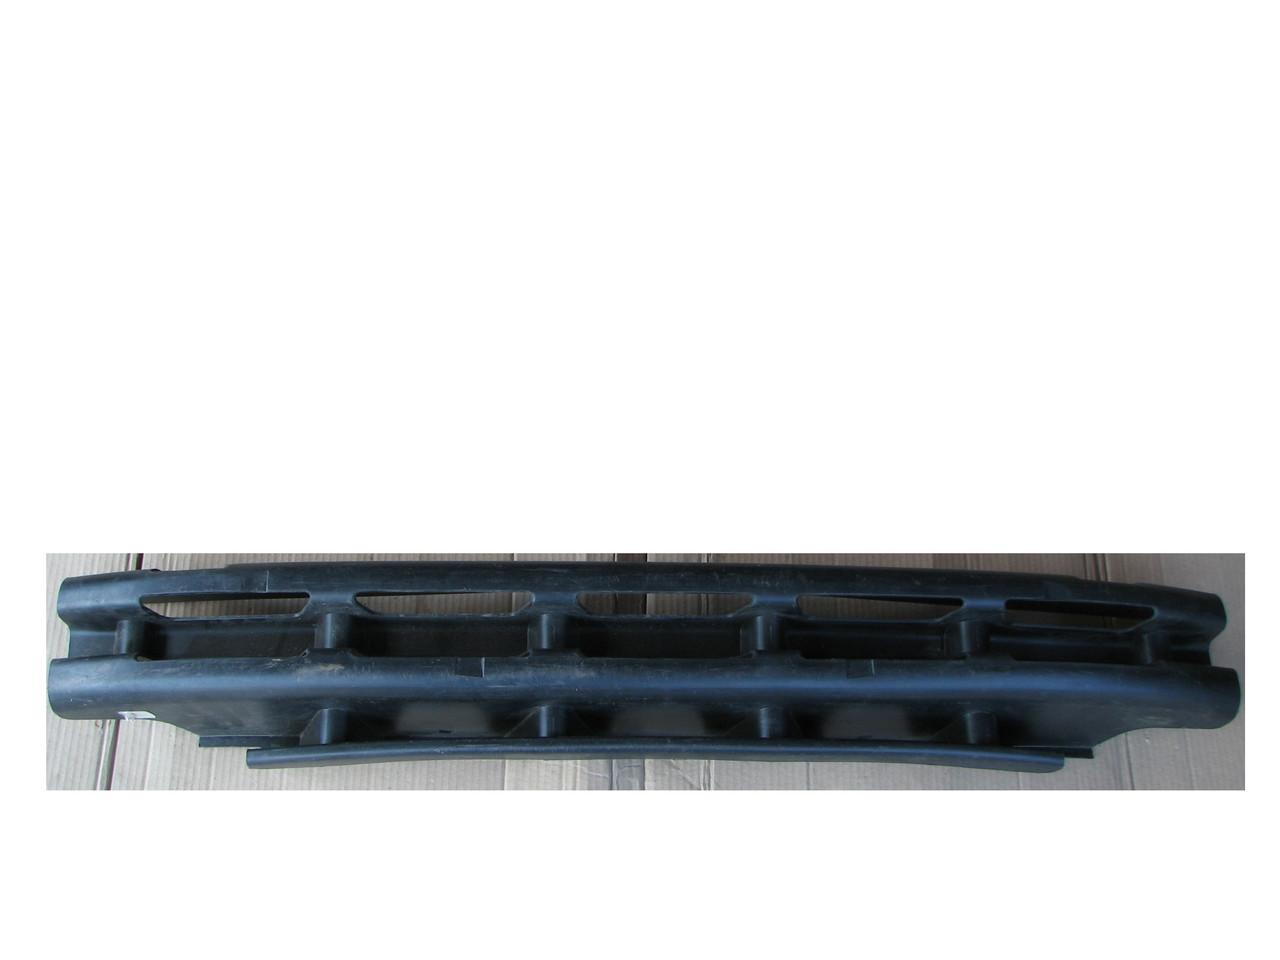 Усилитель бампера переднего ВАЗ 2170-2172